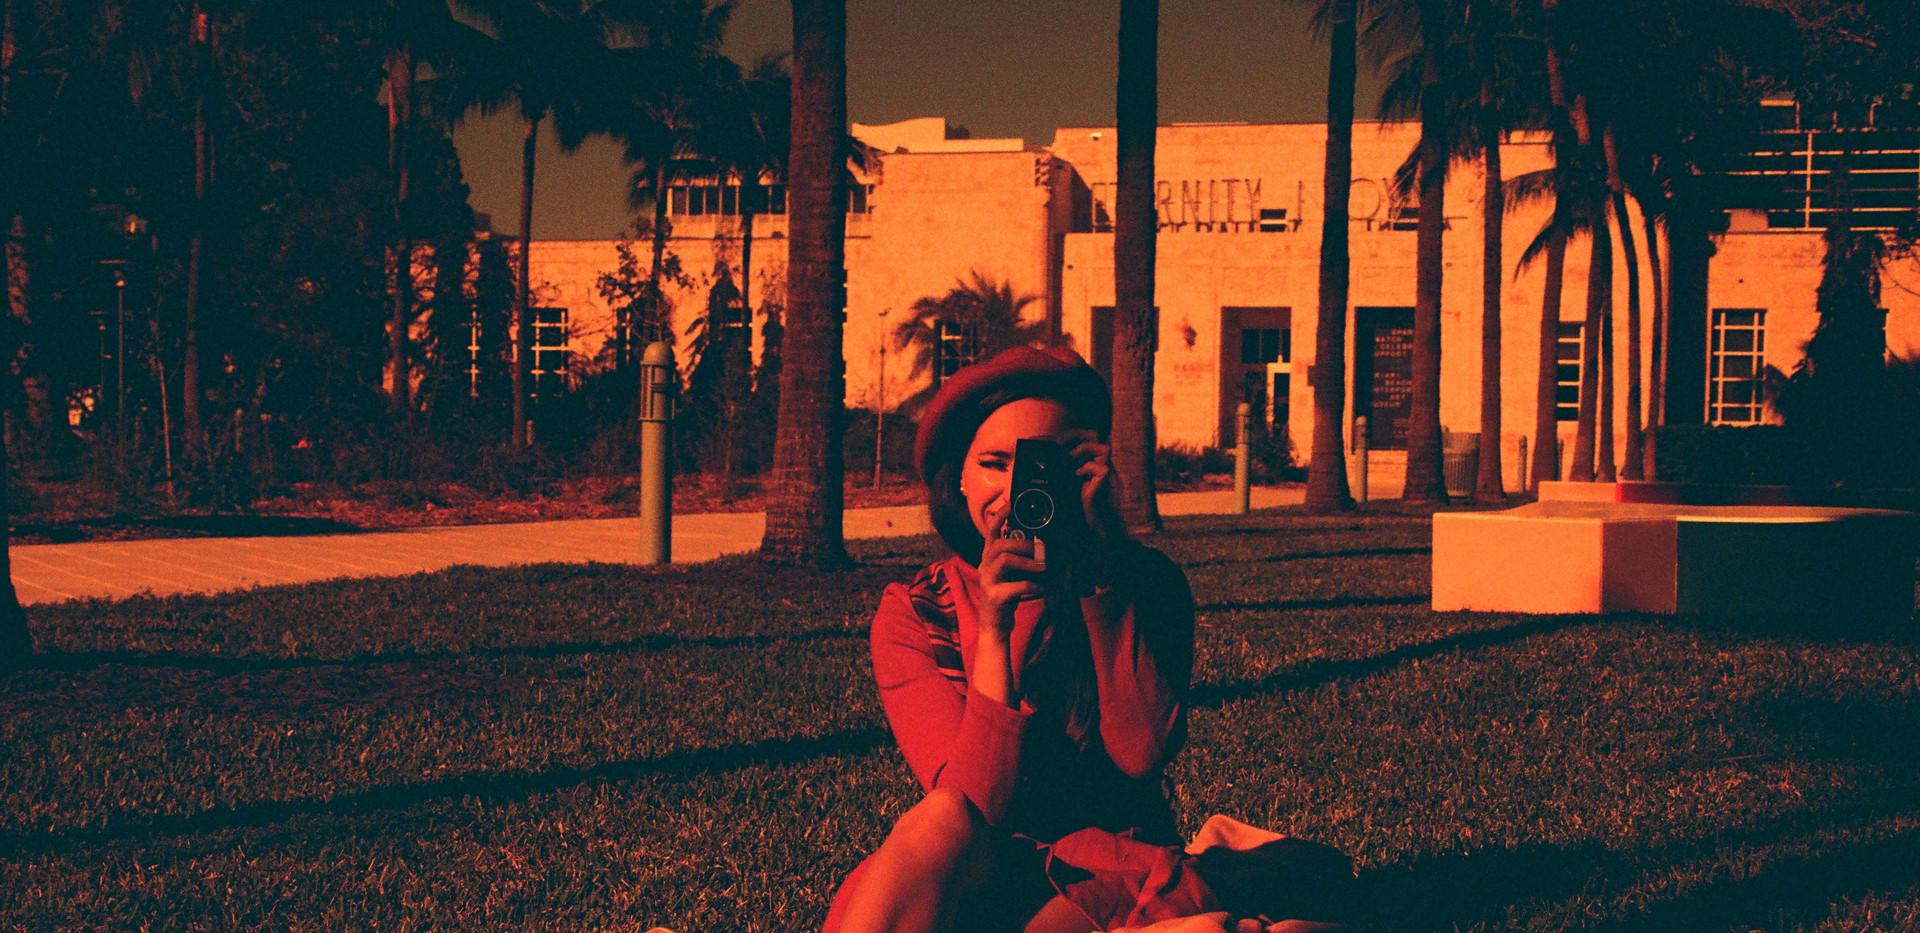 Krystal Millie again